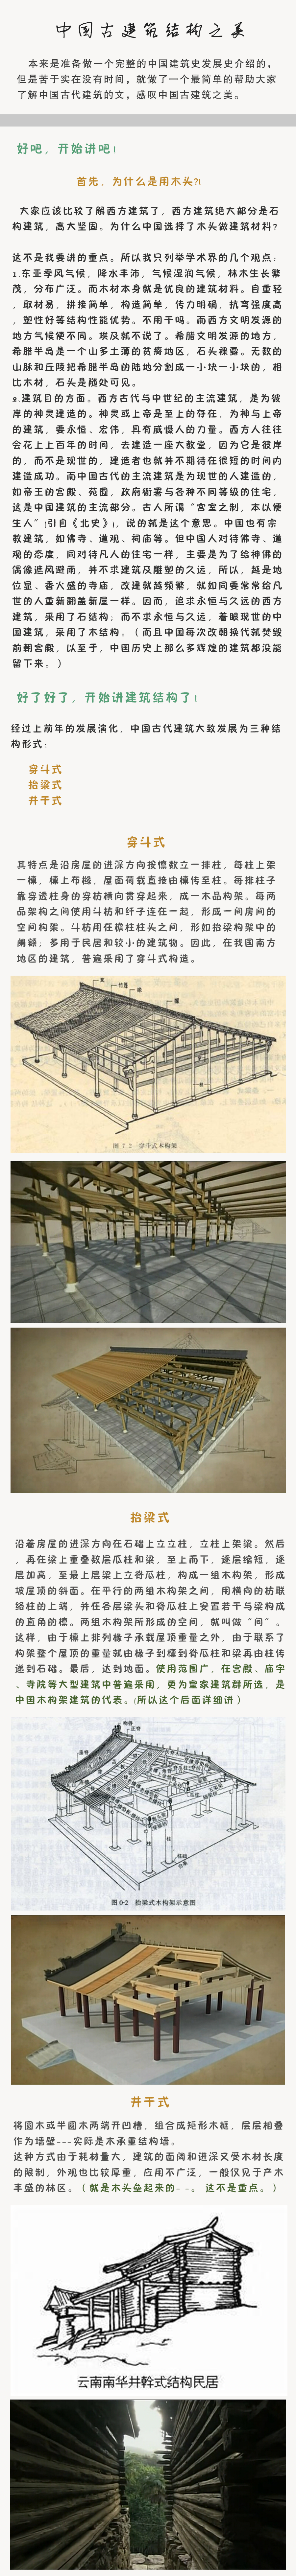 中国古建筑结构之美|建筑设计|空间/建筑|allen7711